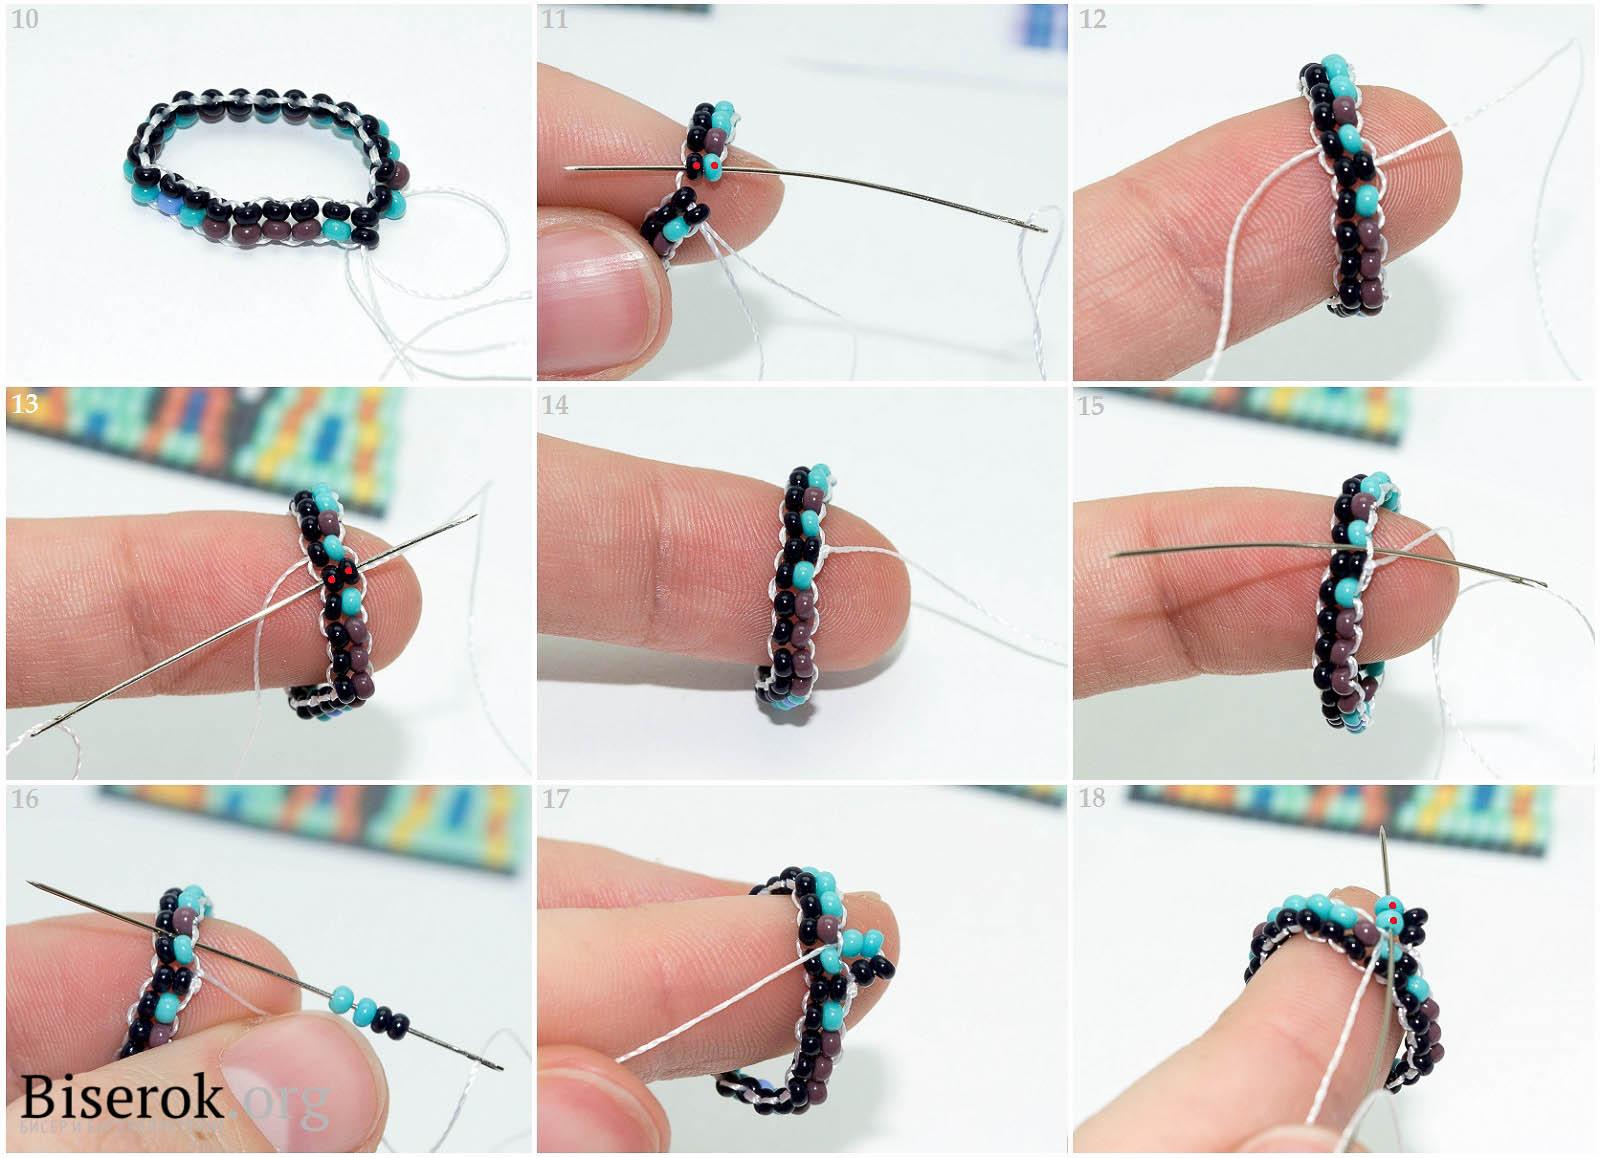 Из чего можно сделать браслет? материалы и инструменты для изготовления. примеры из чего можно сделать браслет своими руками. | категория статей на тему браслет